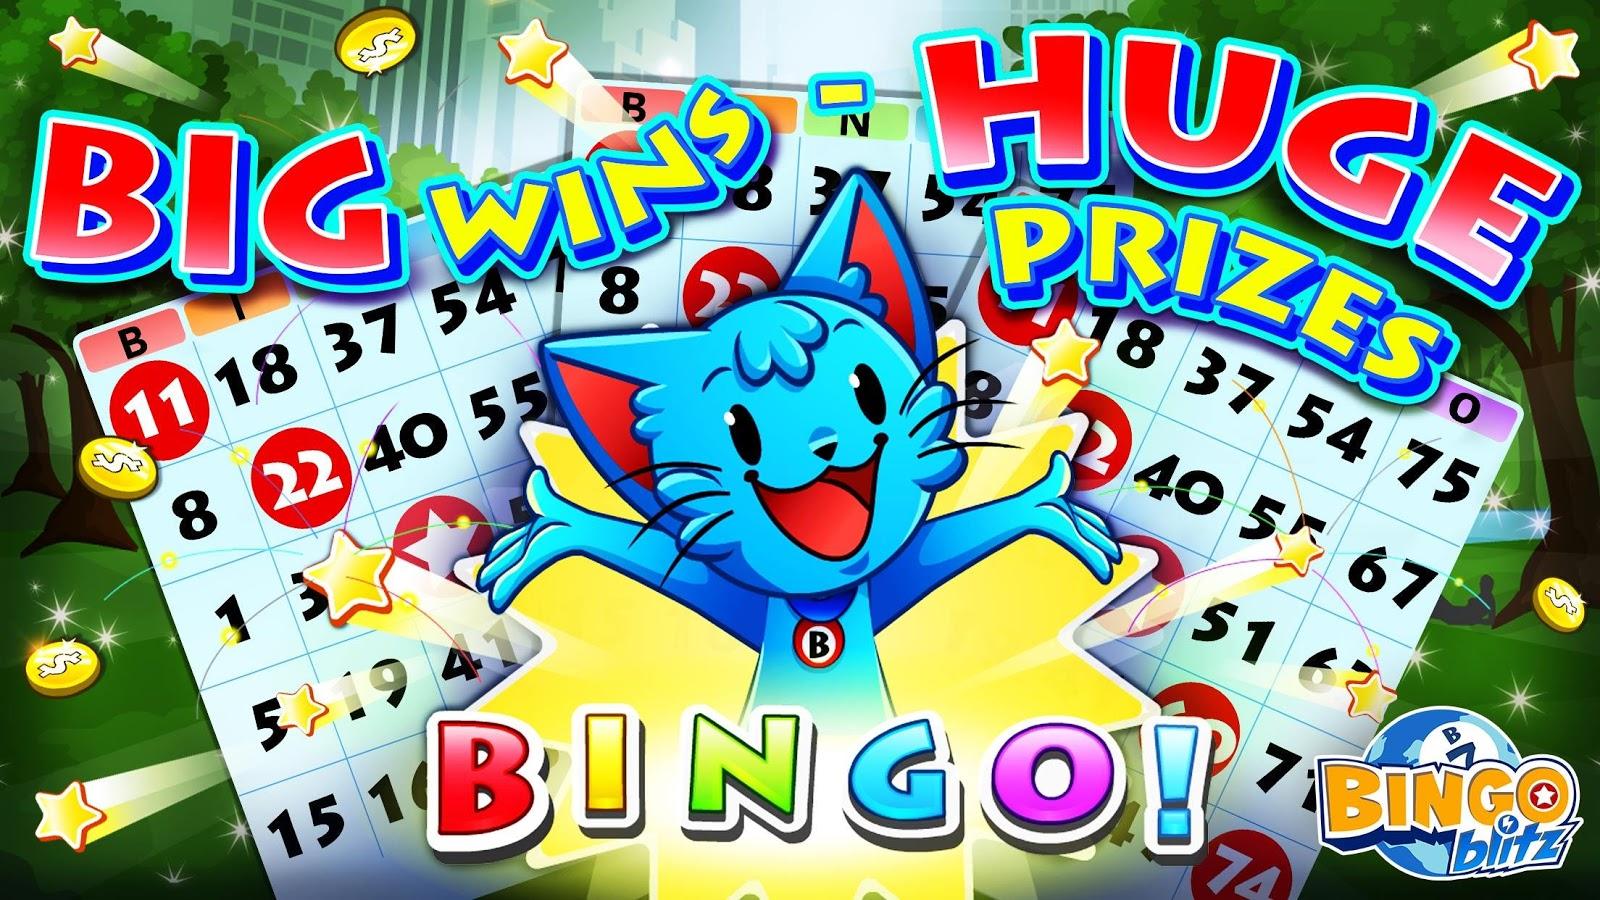 Juegos Bingo com video tragamonedas - 6957